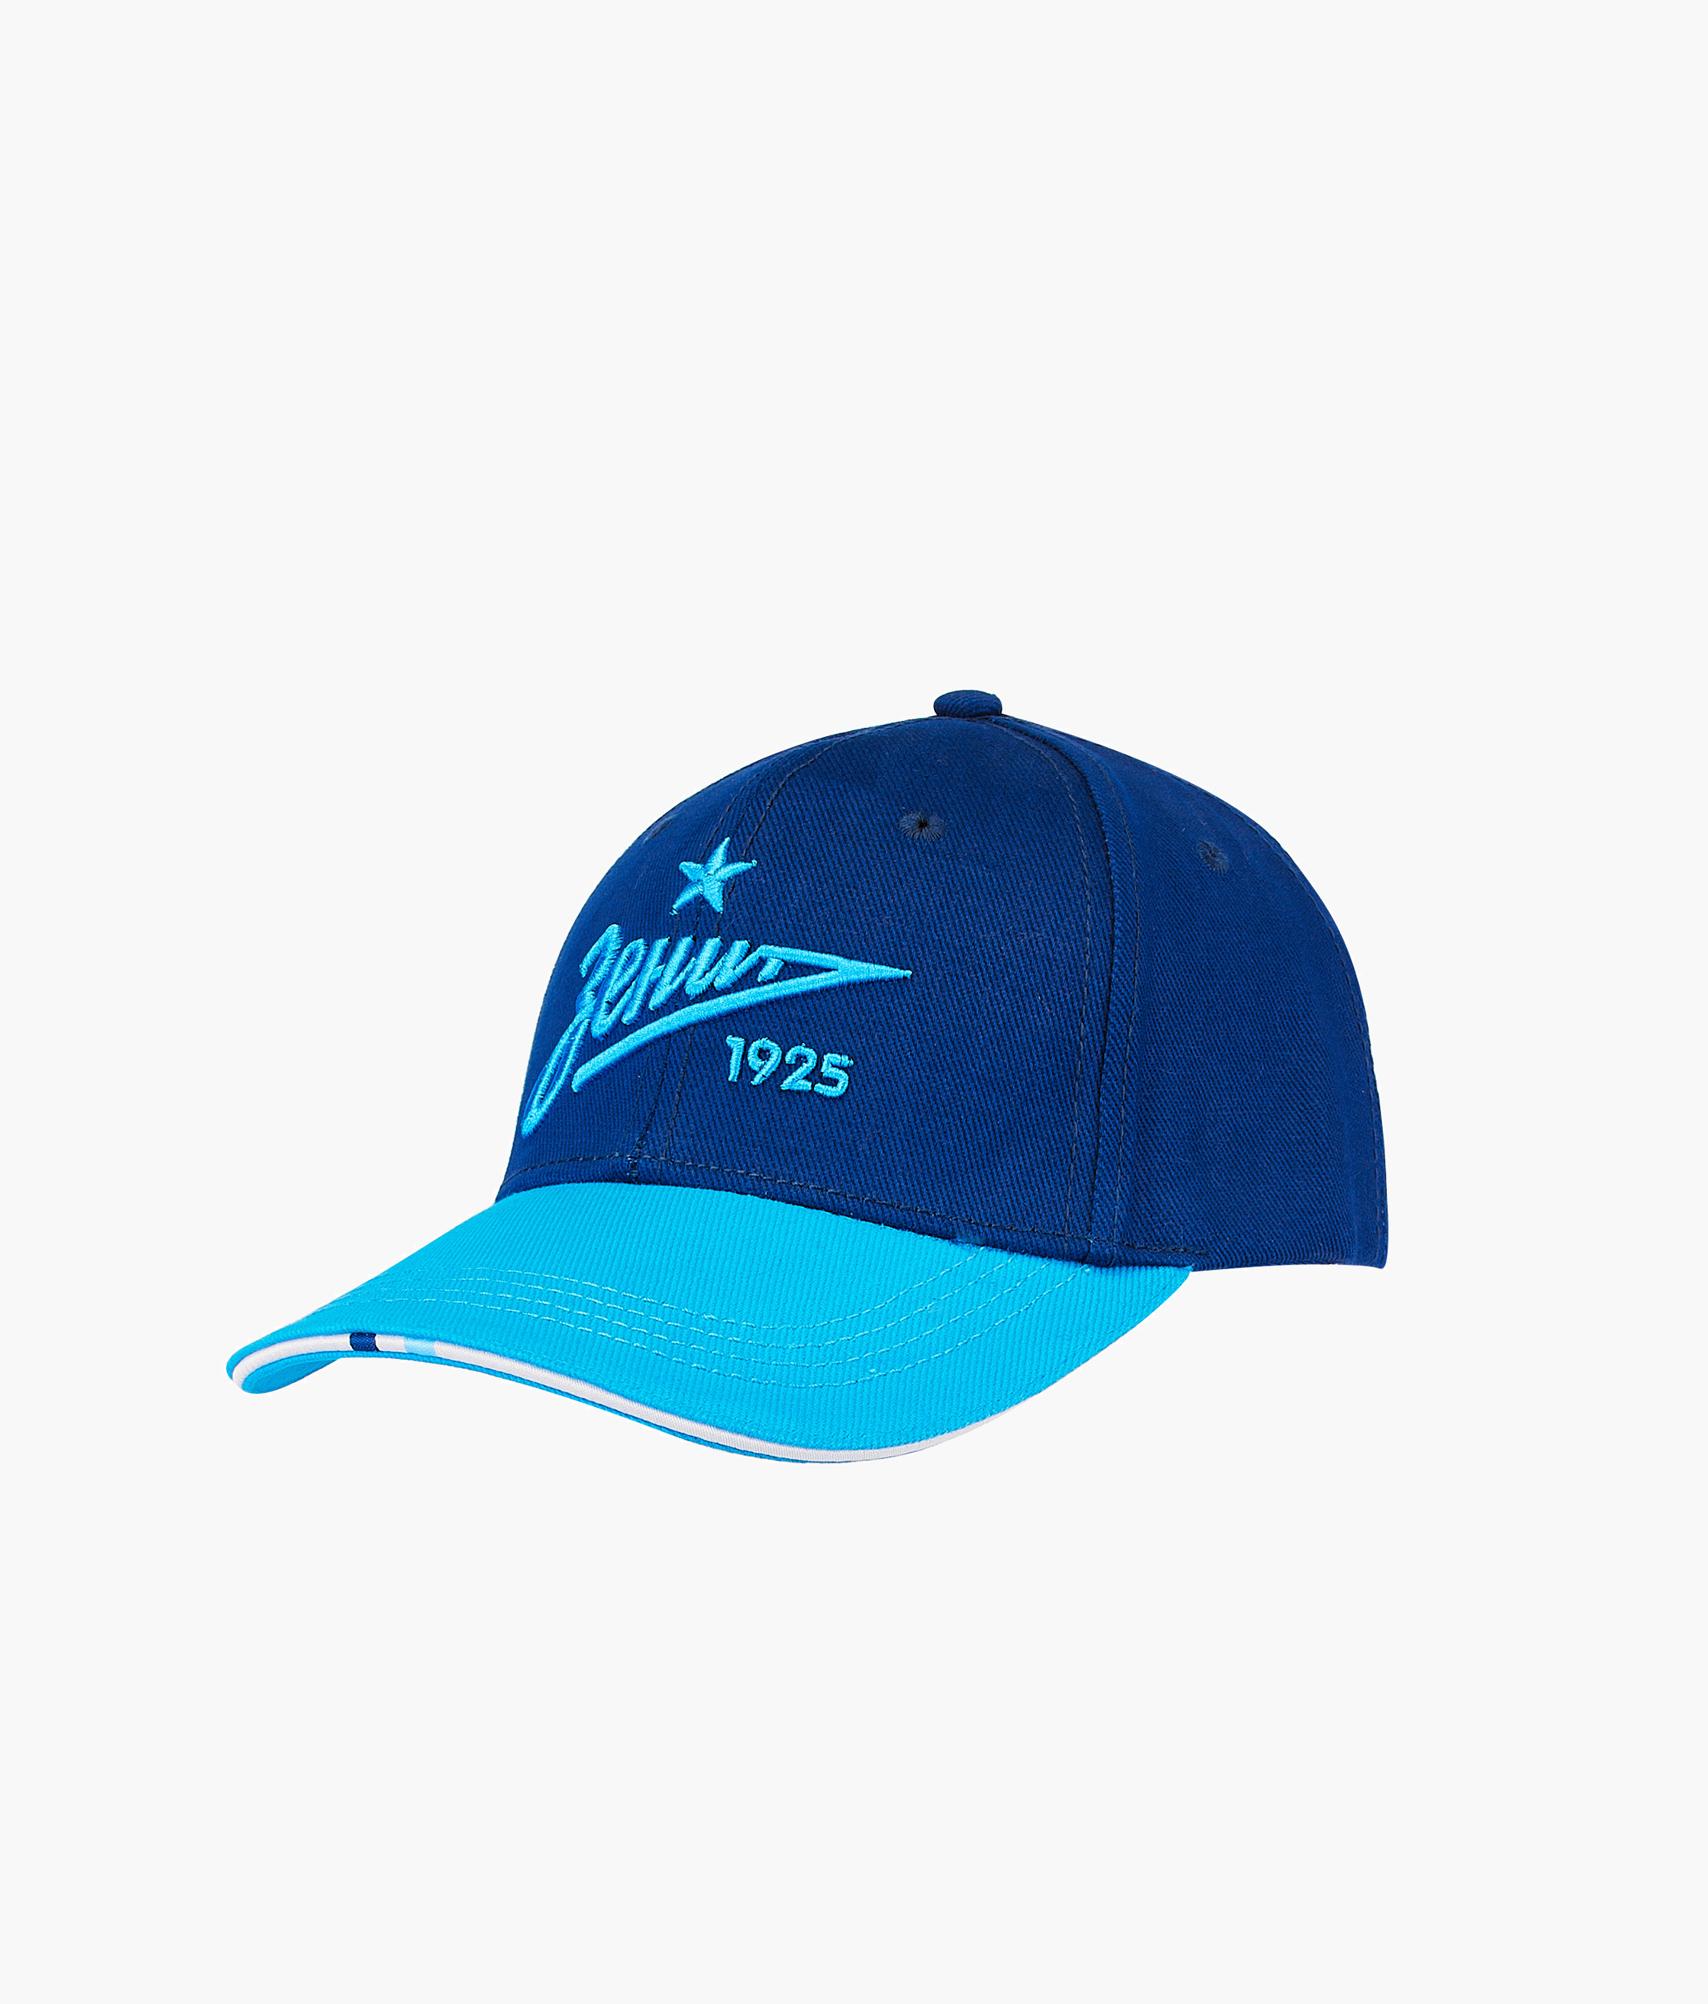 Бейсболка детская Зенит Цвет-Синий-Лазурный цена